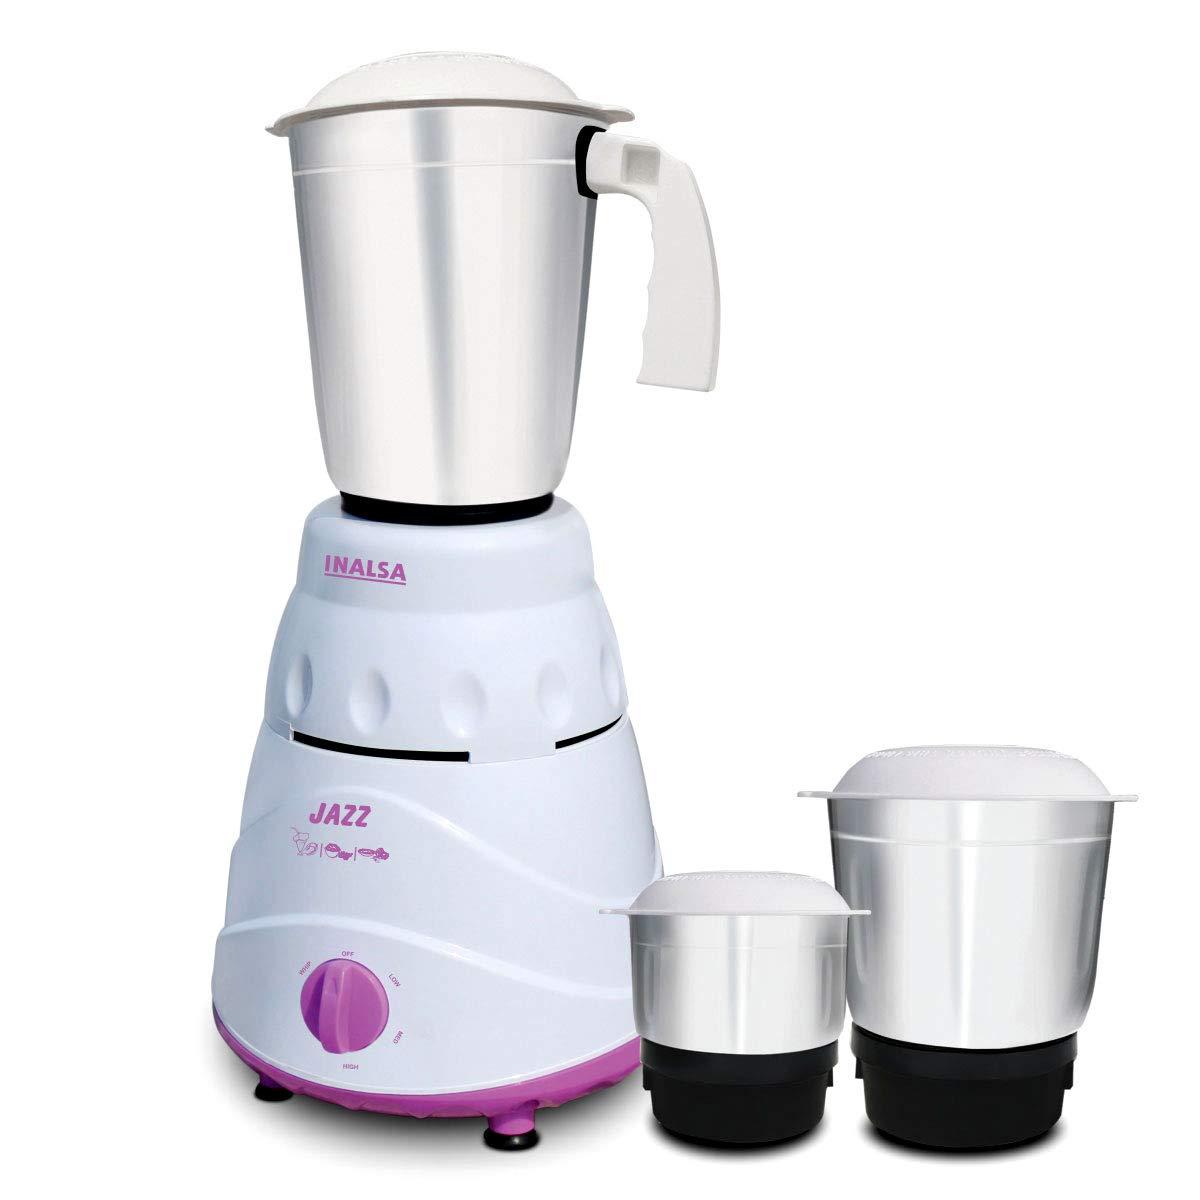 Inalsa Jazz 550-Watt Mixer Grinder